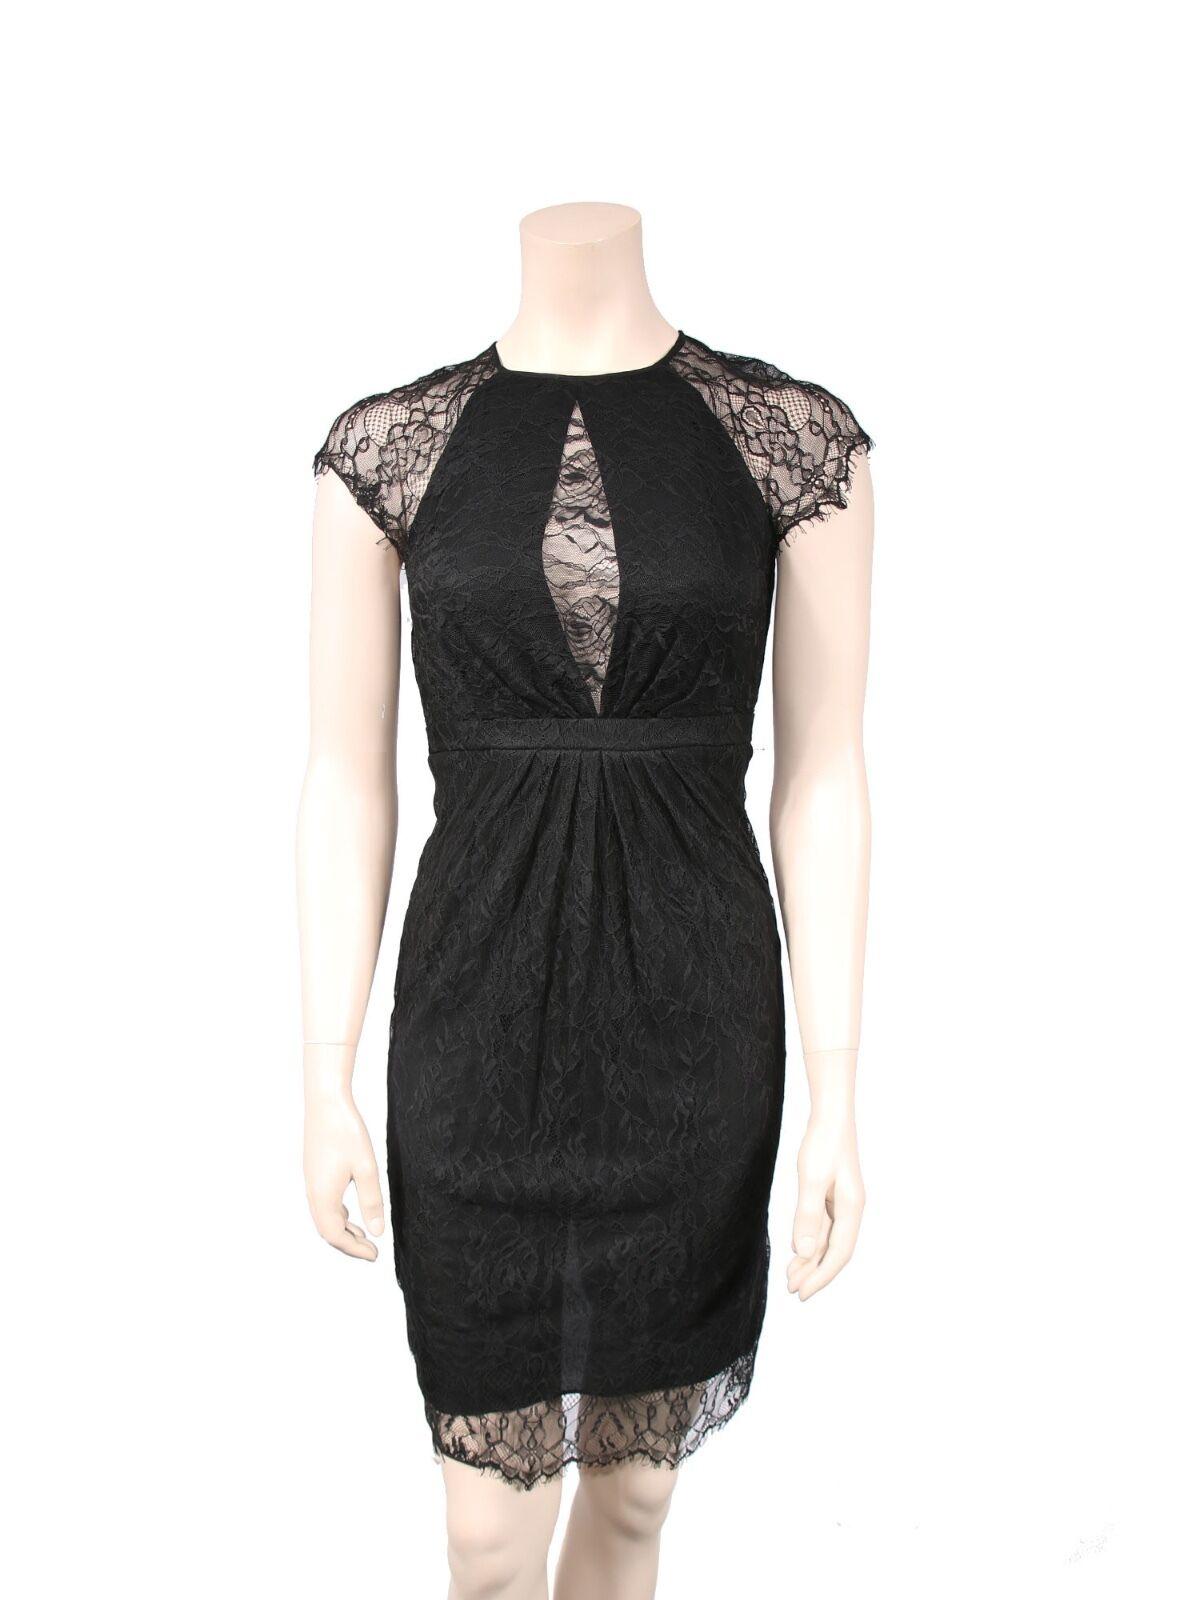 CATHERINE MALANDRINO Lace Dress (Größe 0)